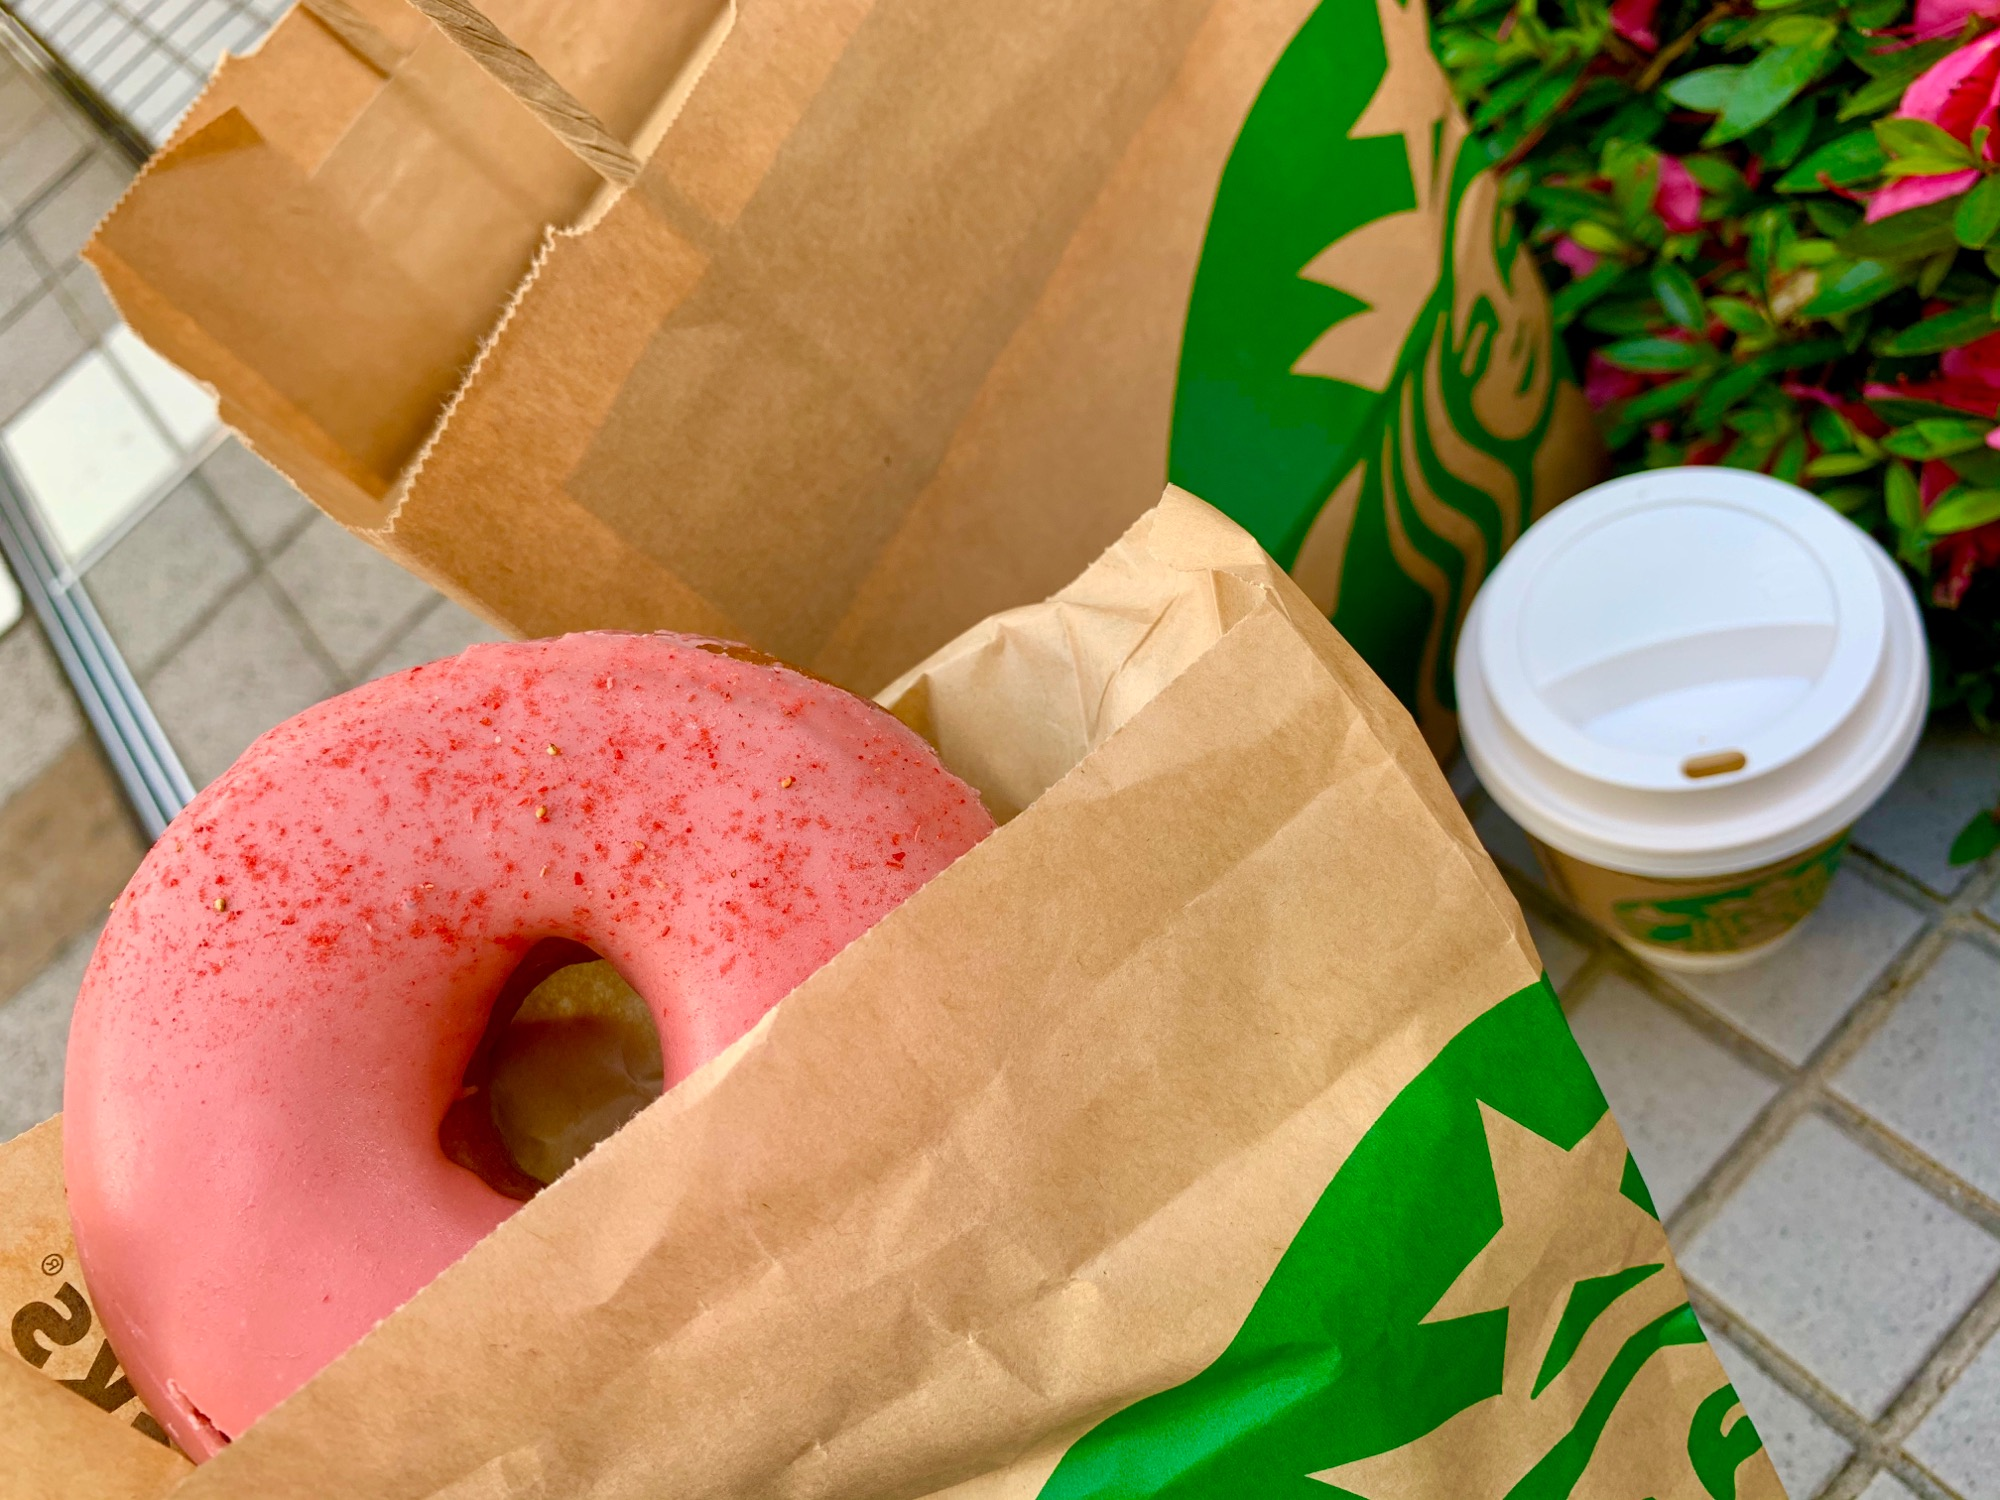 《レジ横foodに注目❤️》4月に食べれなかった念願の【スタバ】いちごソースドーナツが美味しすぎる☻!_1